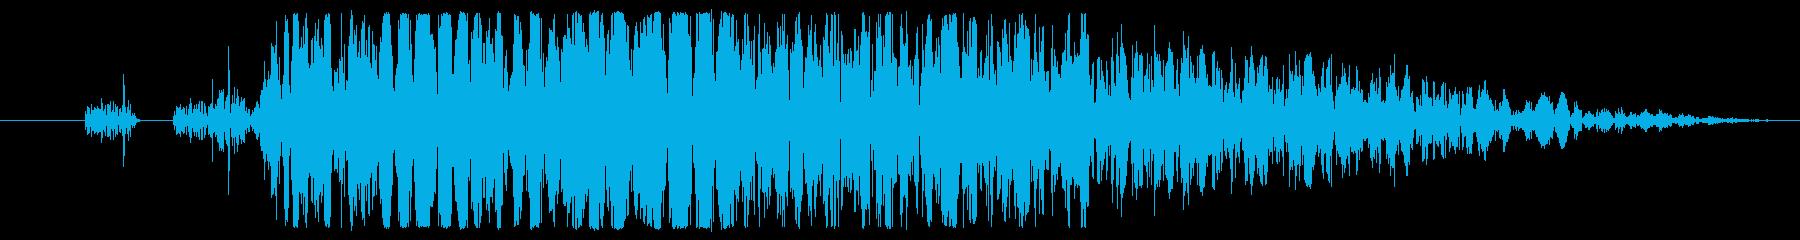 【打撃音01】パンチやキックに最適です!の再生済みの波形